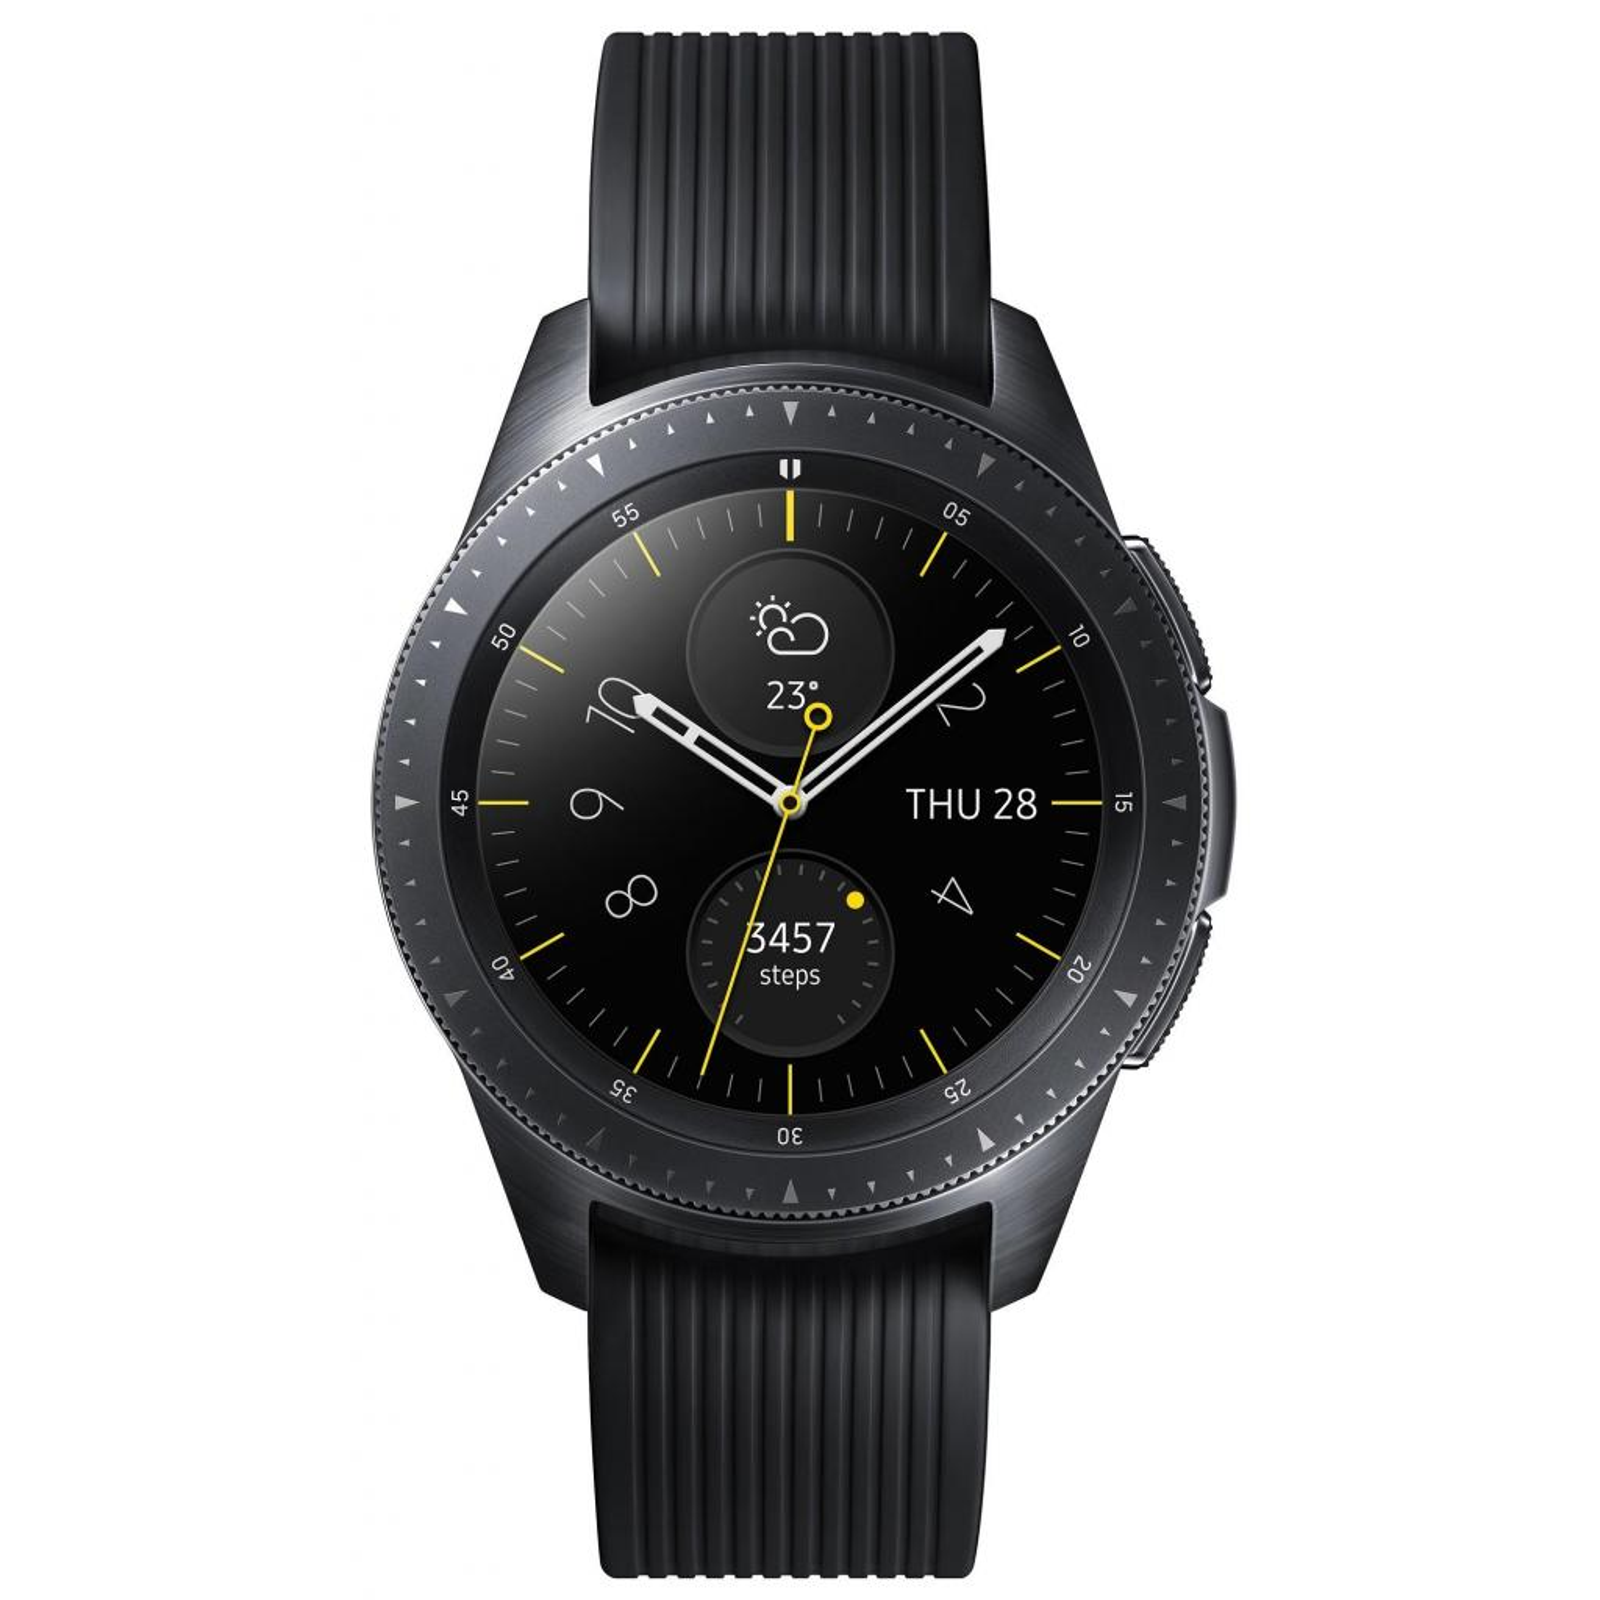 Смарт-часы Samsung SM-R810 Galaxy Watch 42mm Black (SM-R810NZKASEK)